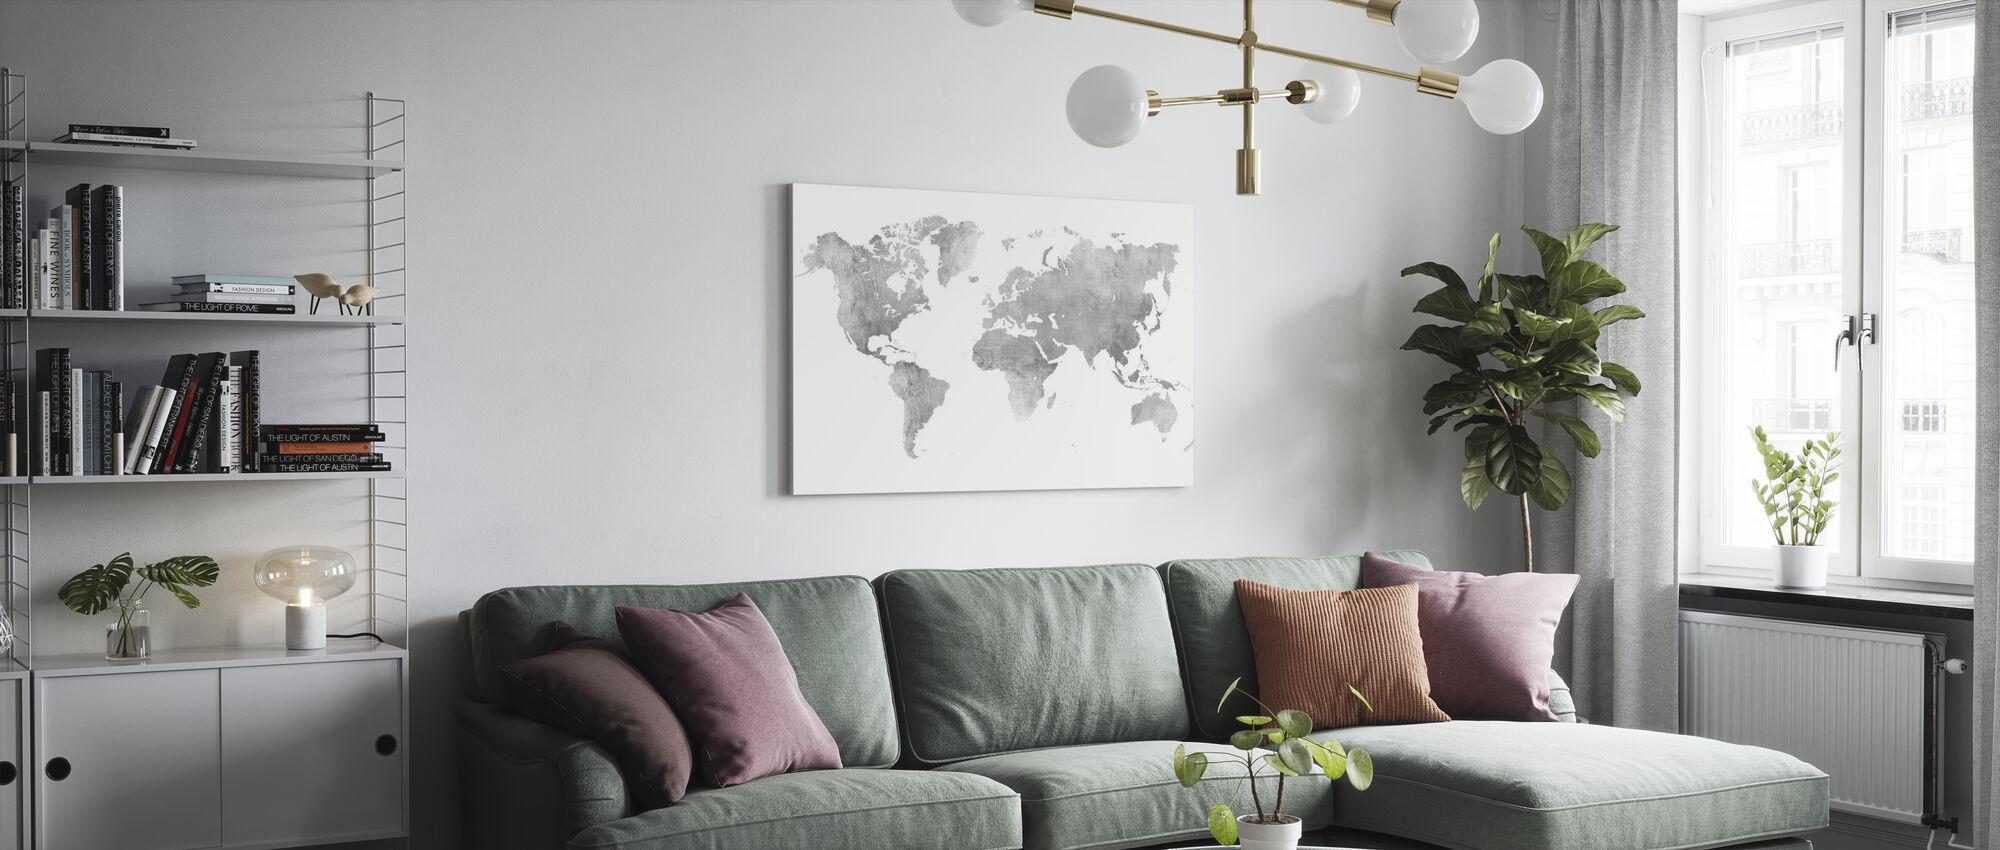 Weltkarte Brushed Metal II - Leinwandbild - Wohnzimmer